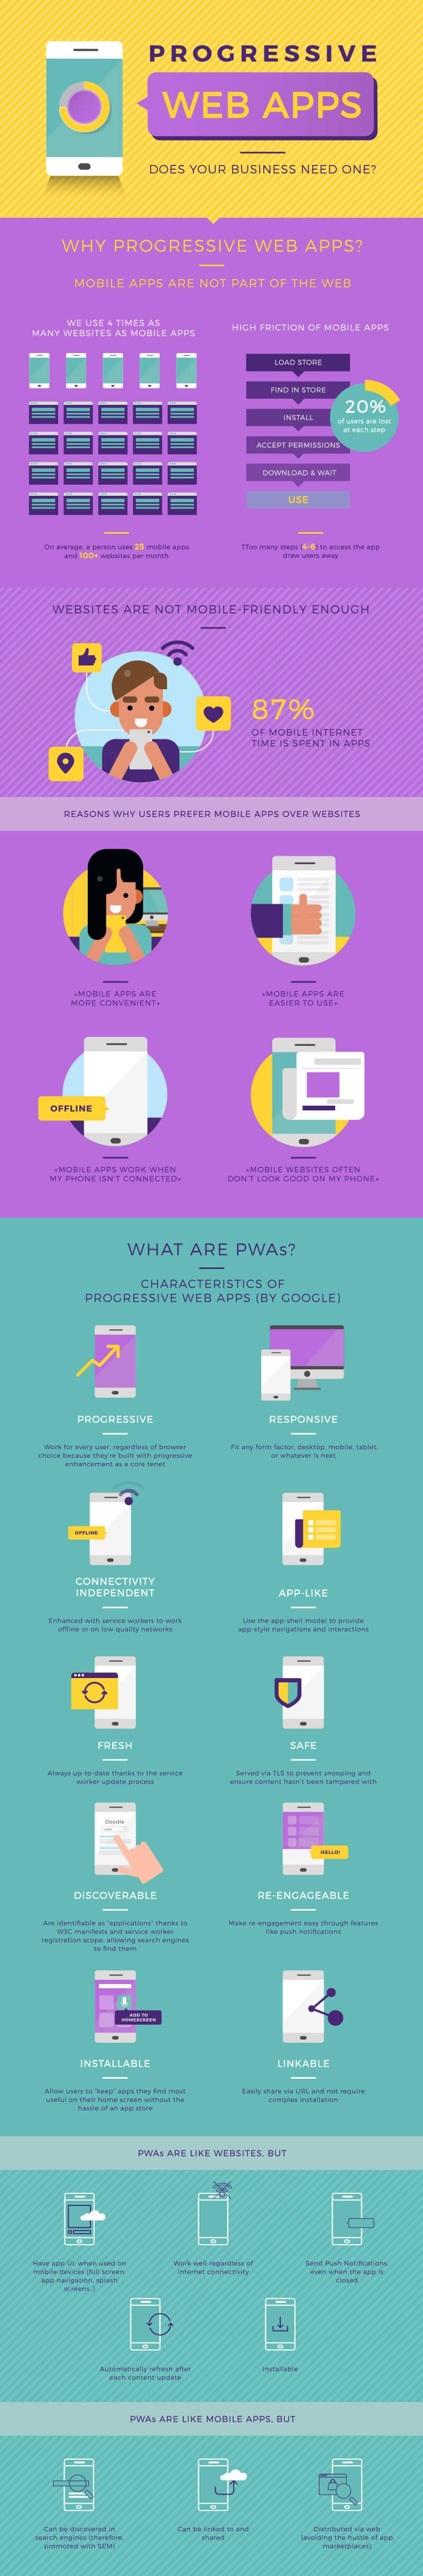 Infografía: ¿Necesita tu negocio una Progressive Web App?